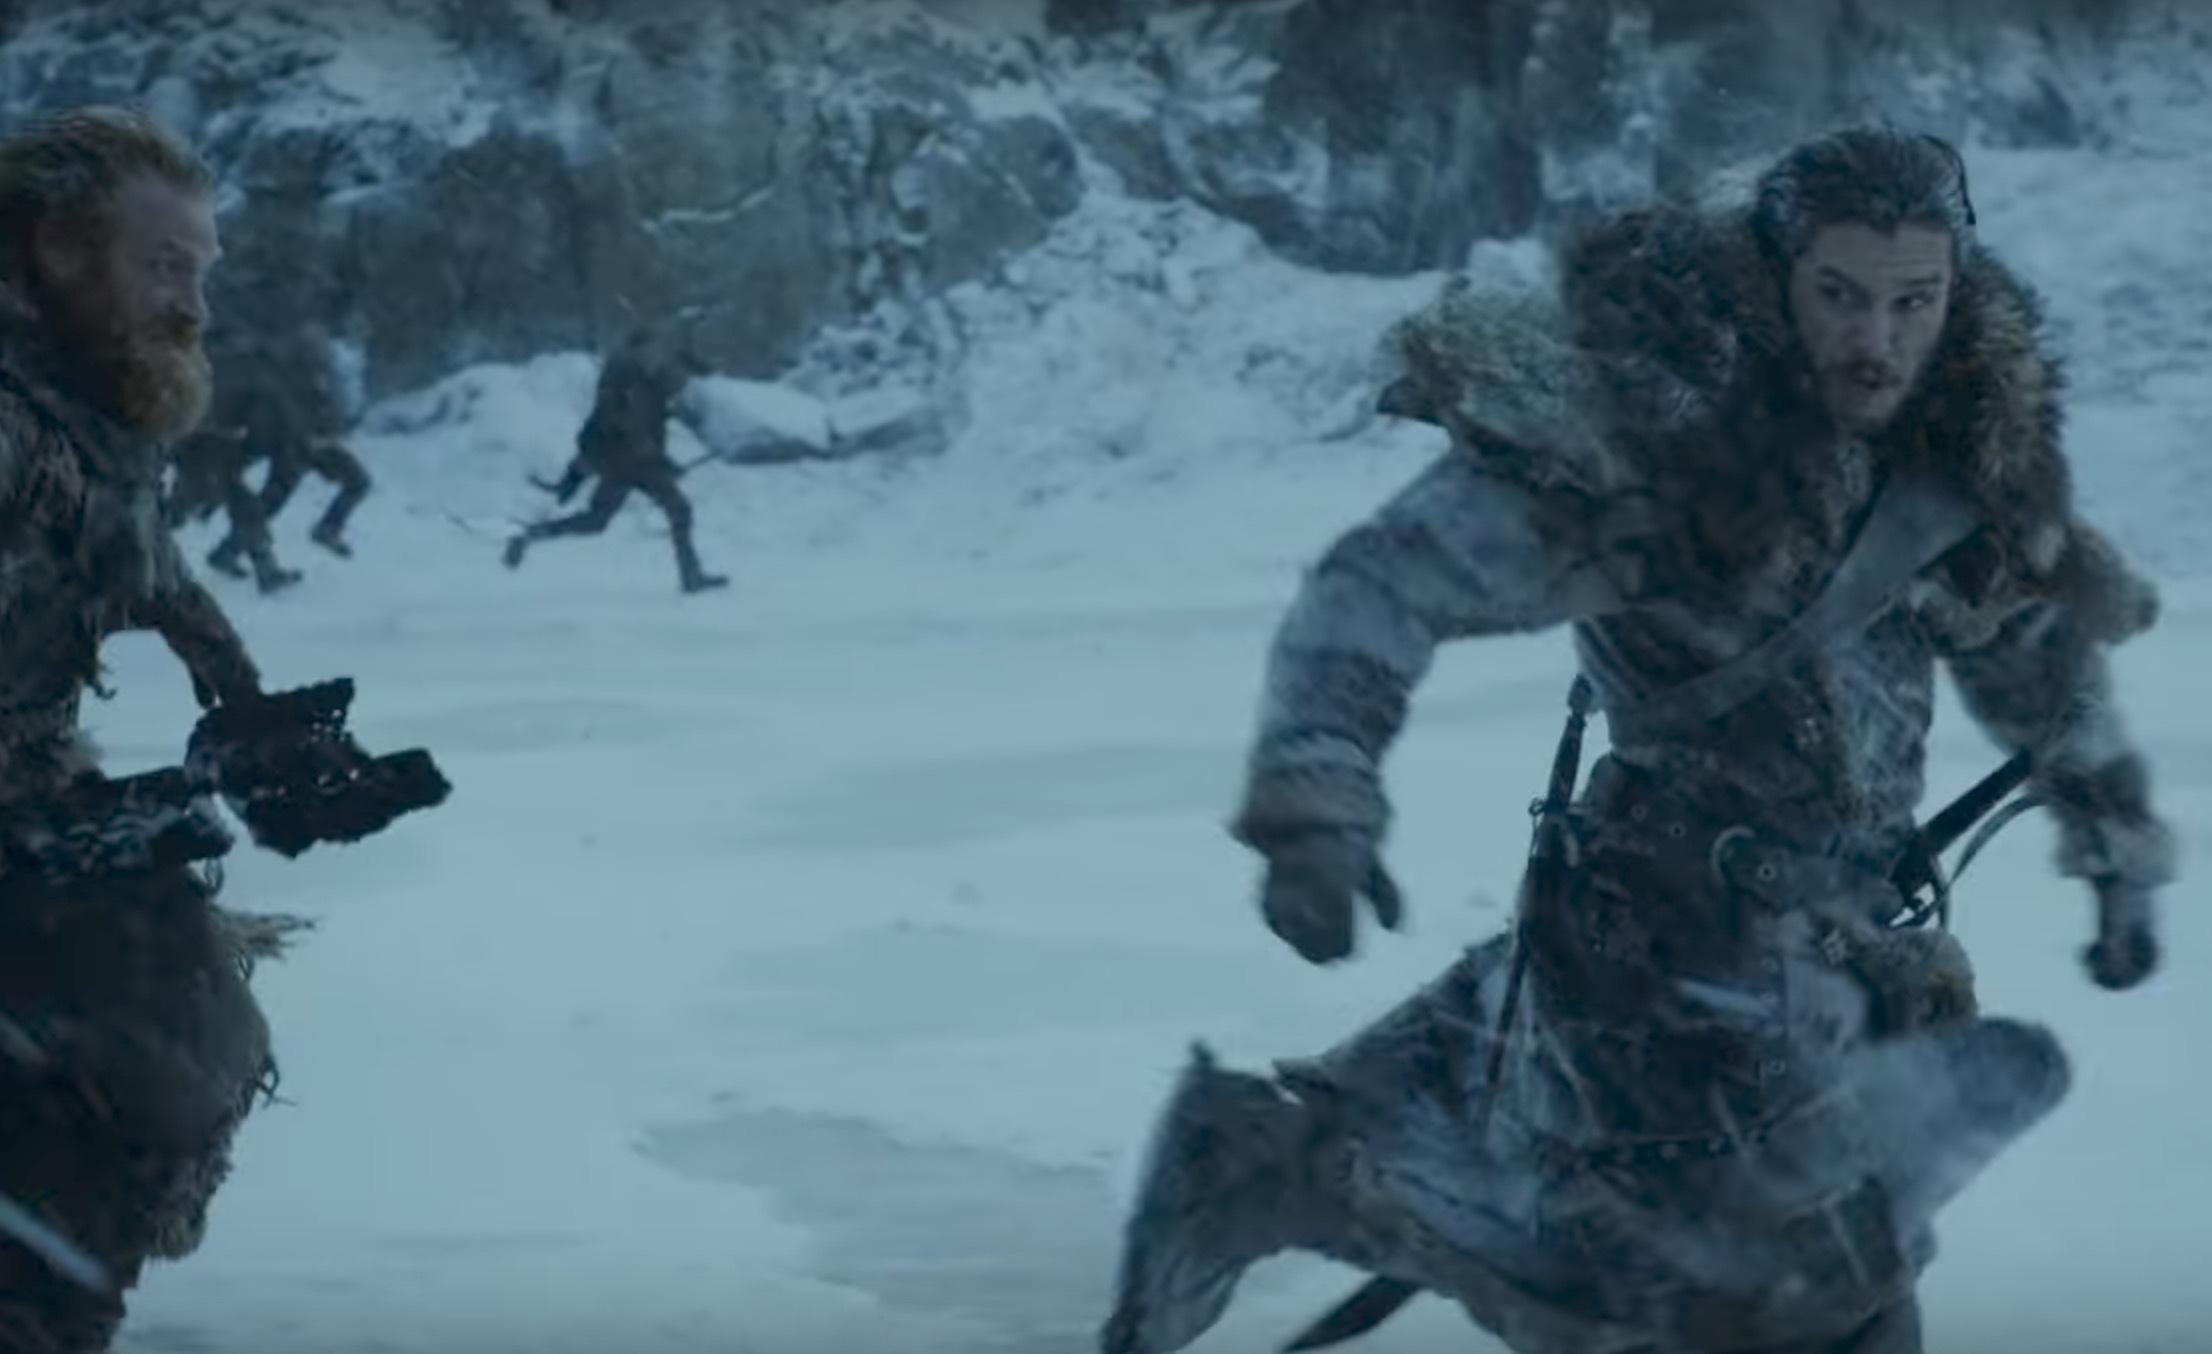 Jon och Tormund flyr från något.